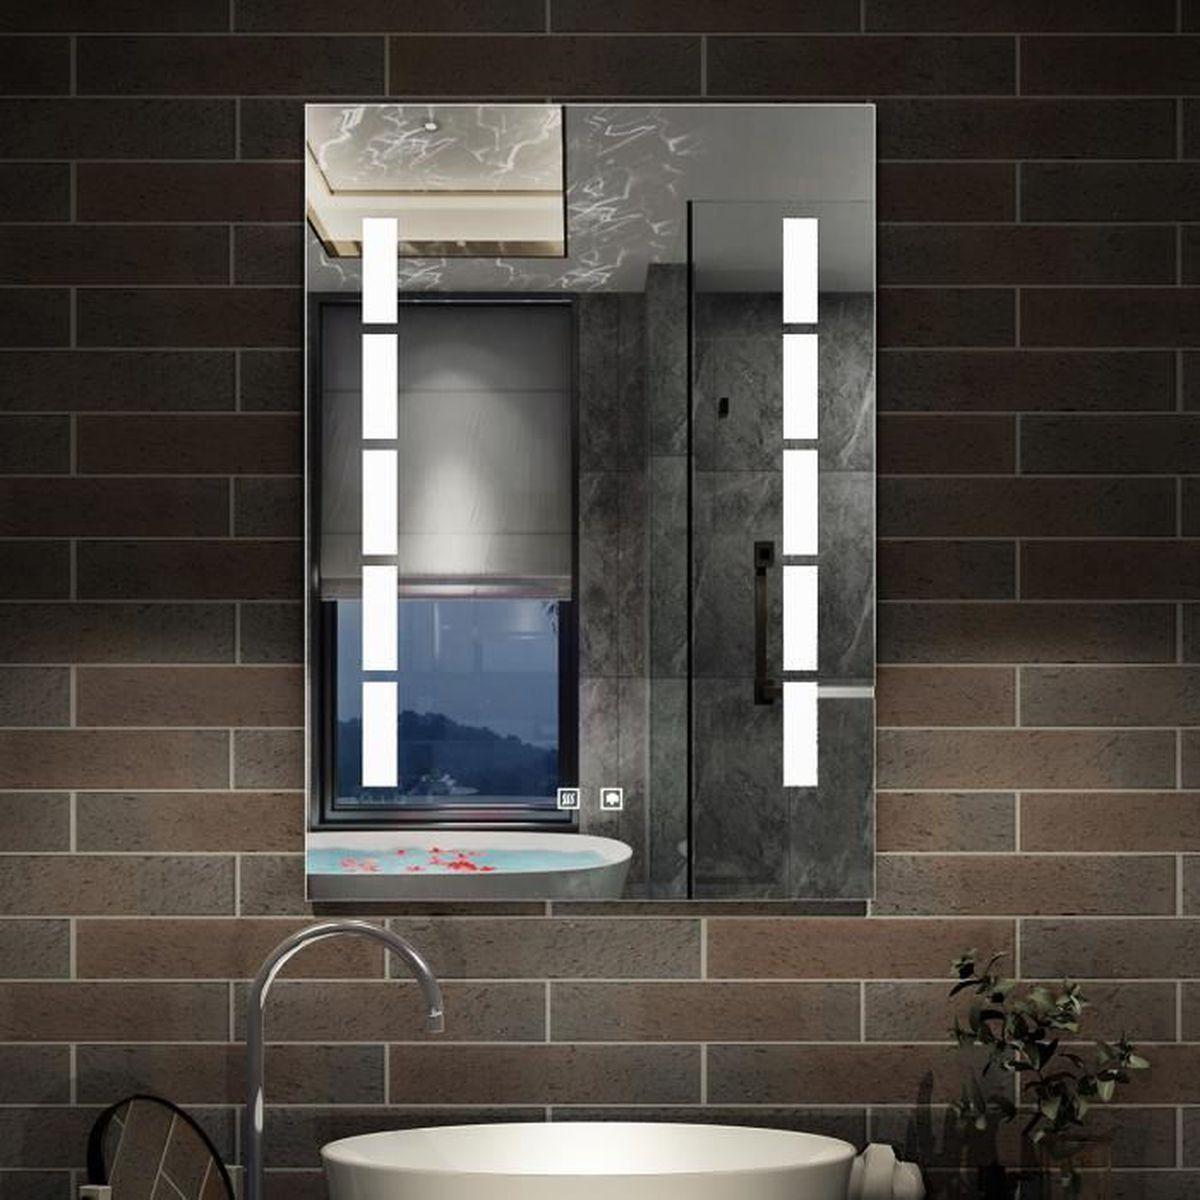 Miroir LED anti-buée 20x20cm miroir de salle de bain - Achat